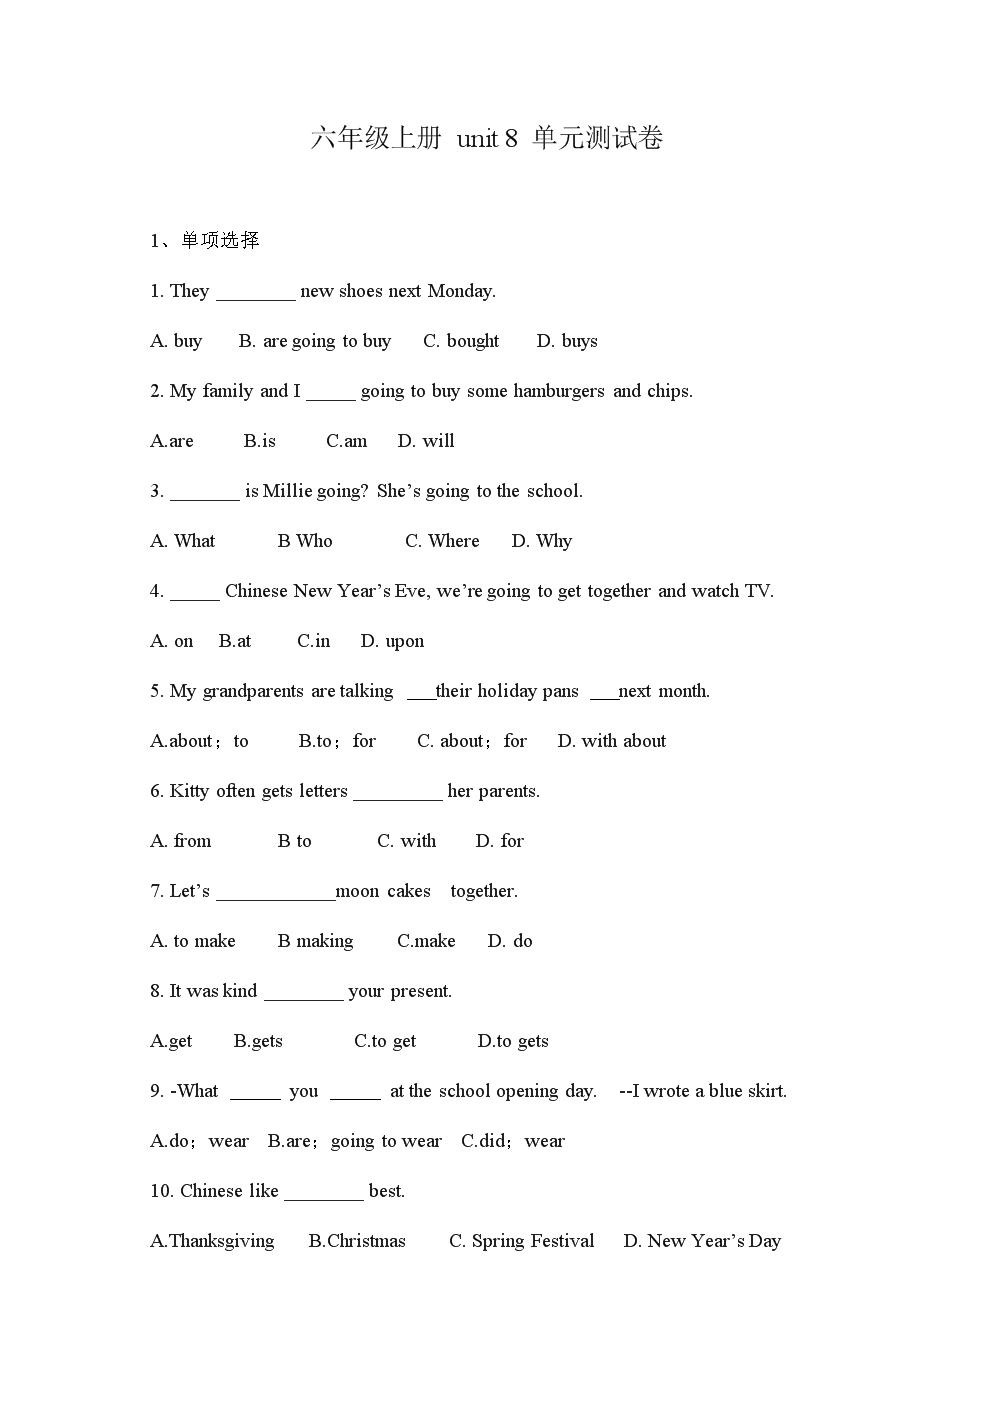 六年级上册英语试题-unit8 Chinese new year  译林版 无答案.docx